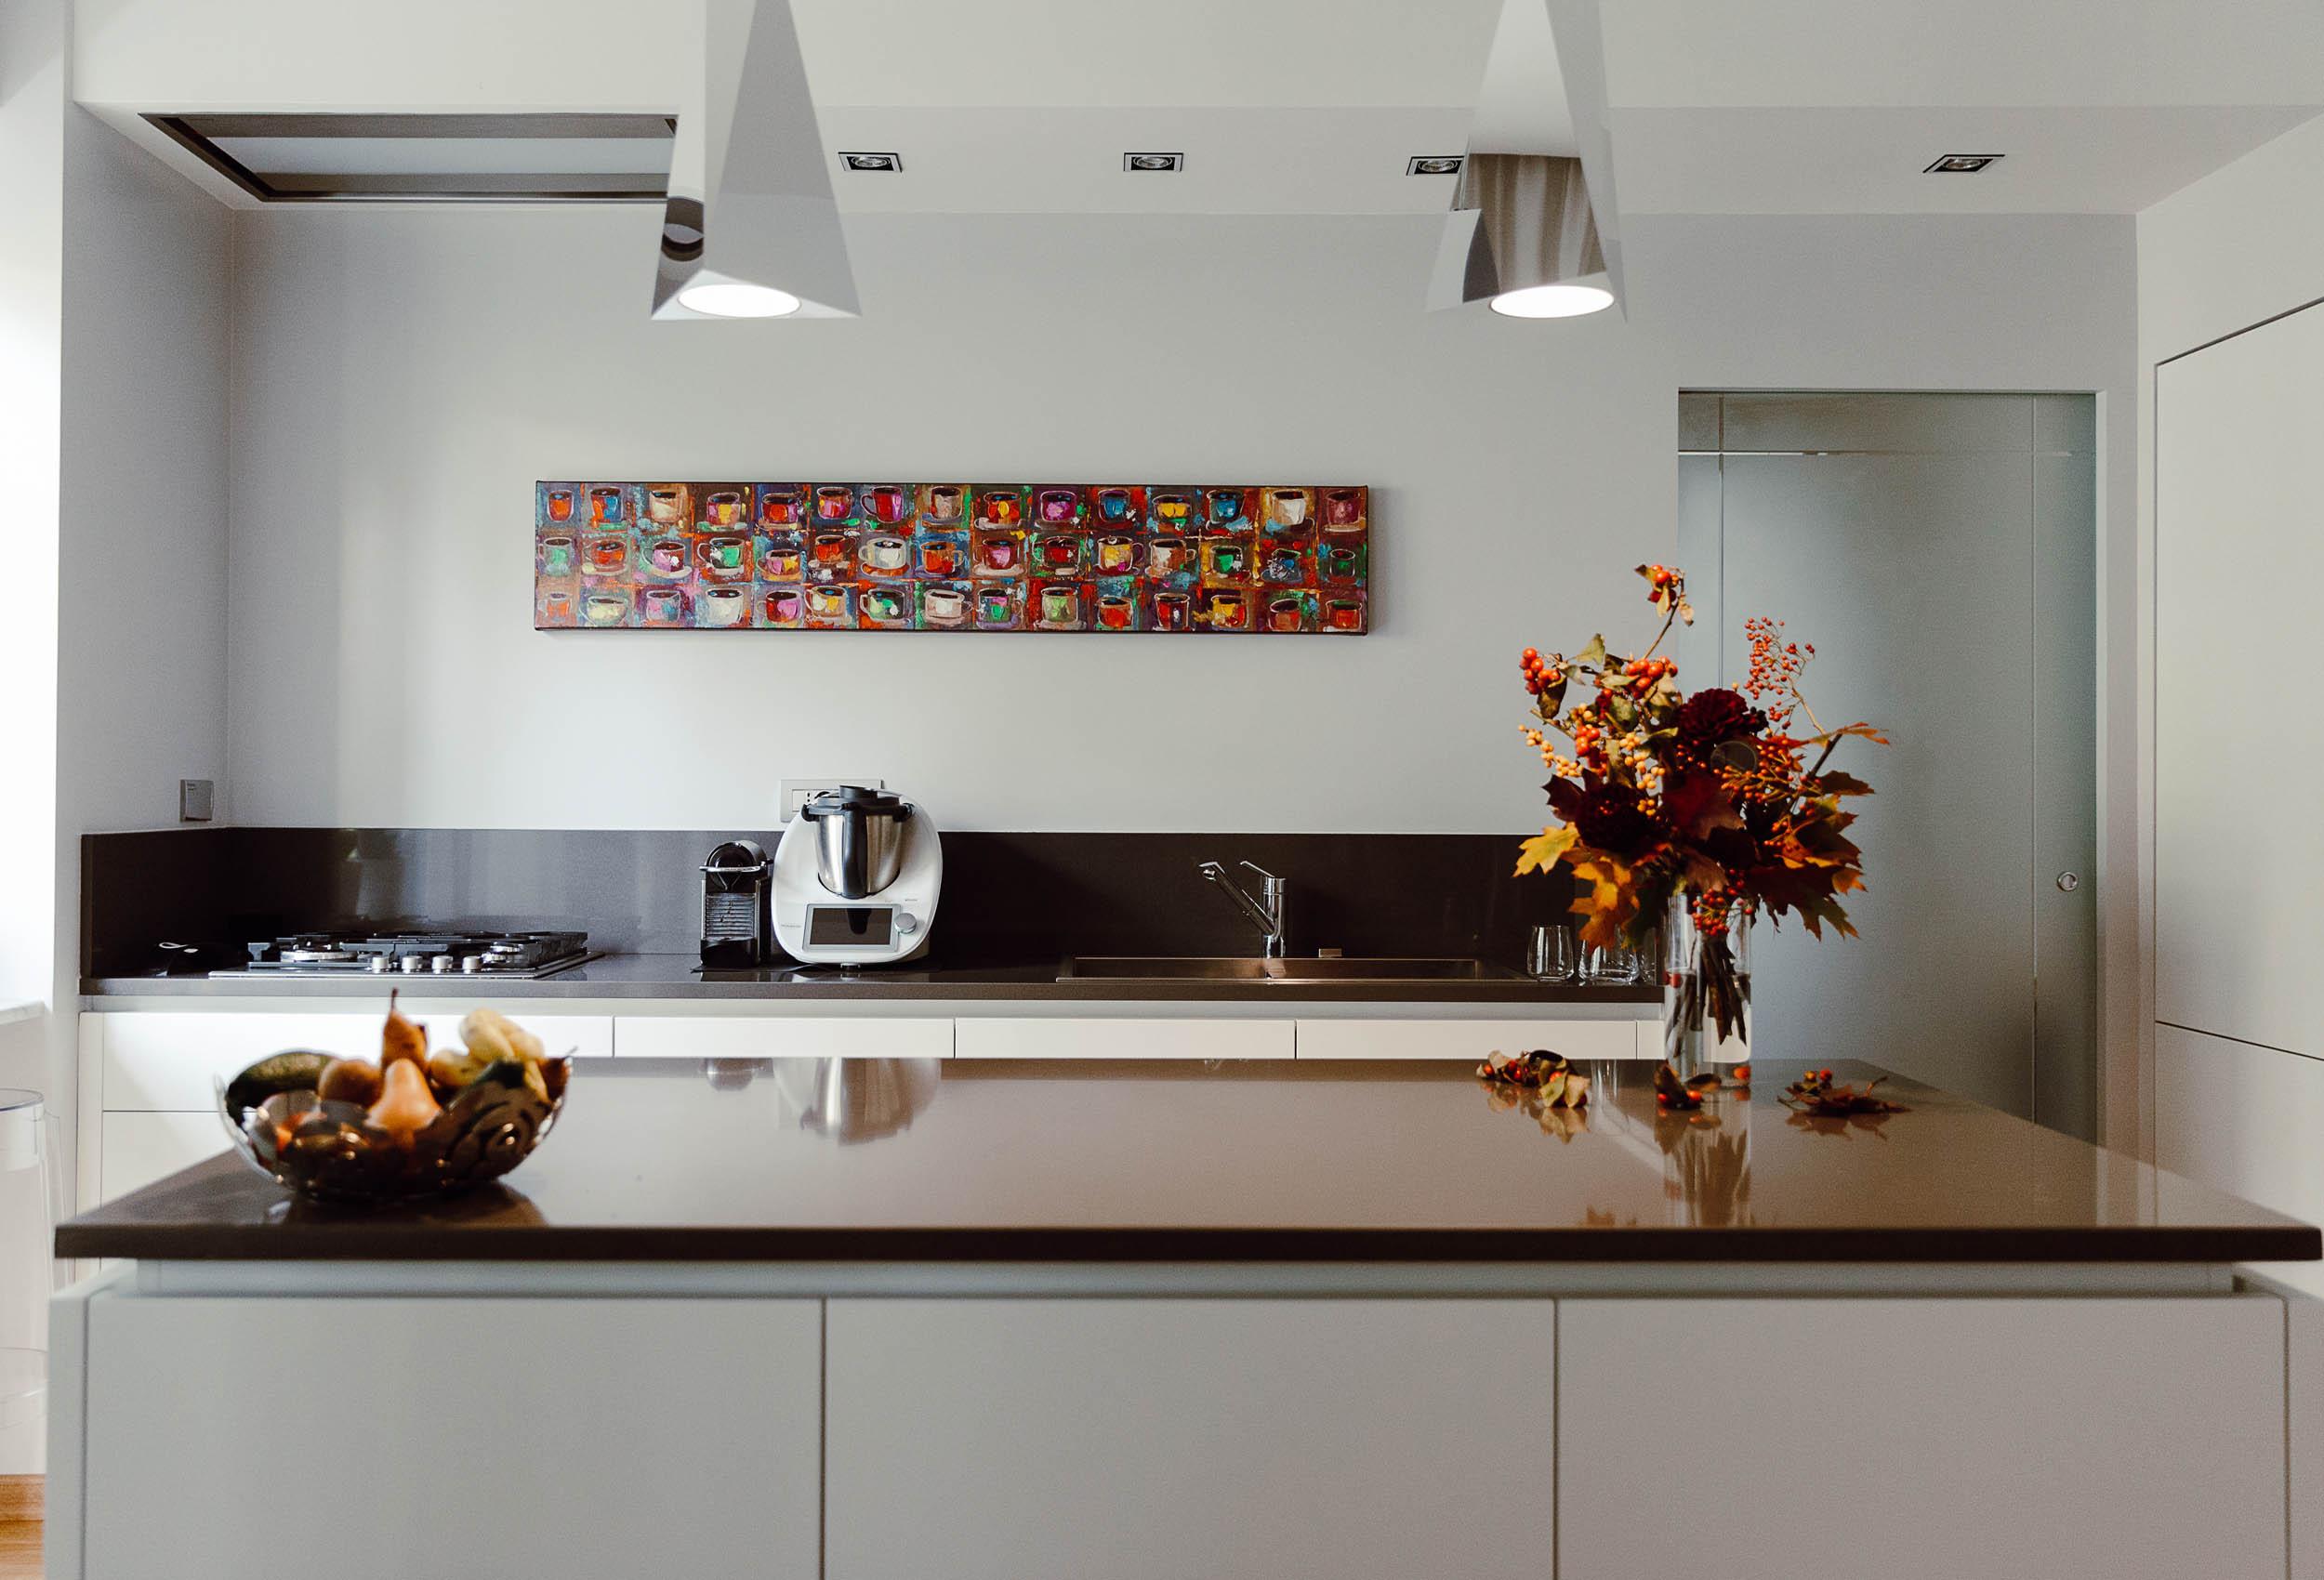 tipi-di-cucina-arredamento-disposizioni-illuminazione-cucina-con-penisola-studio-architettura-interior-design-roma3